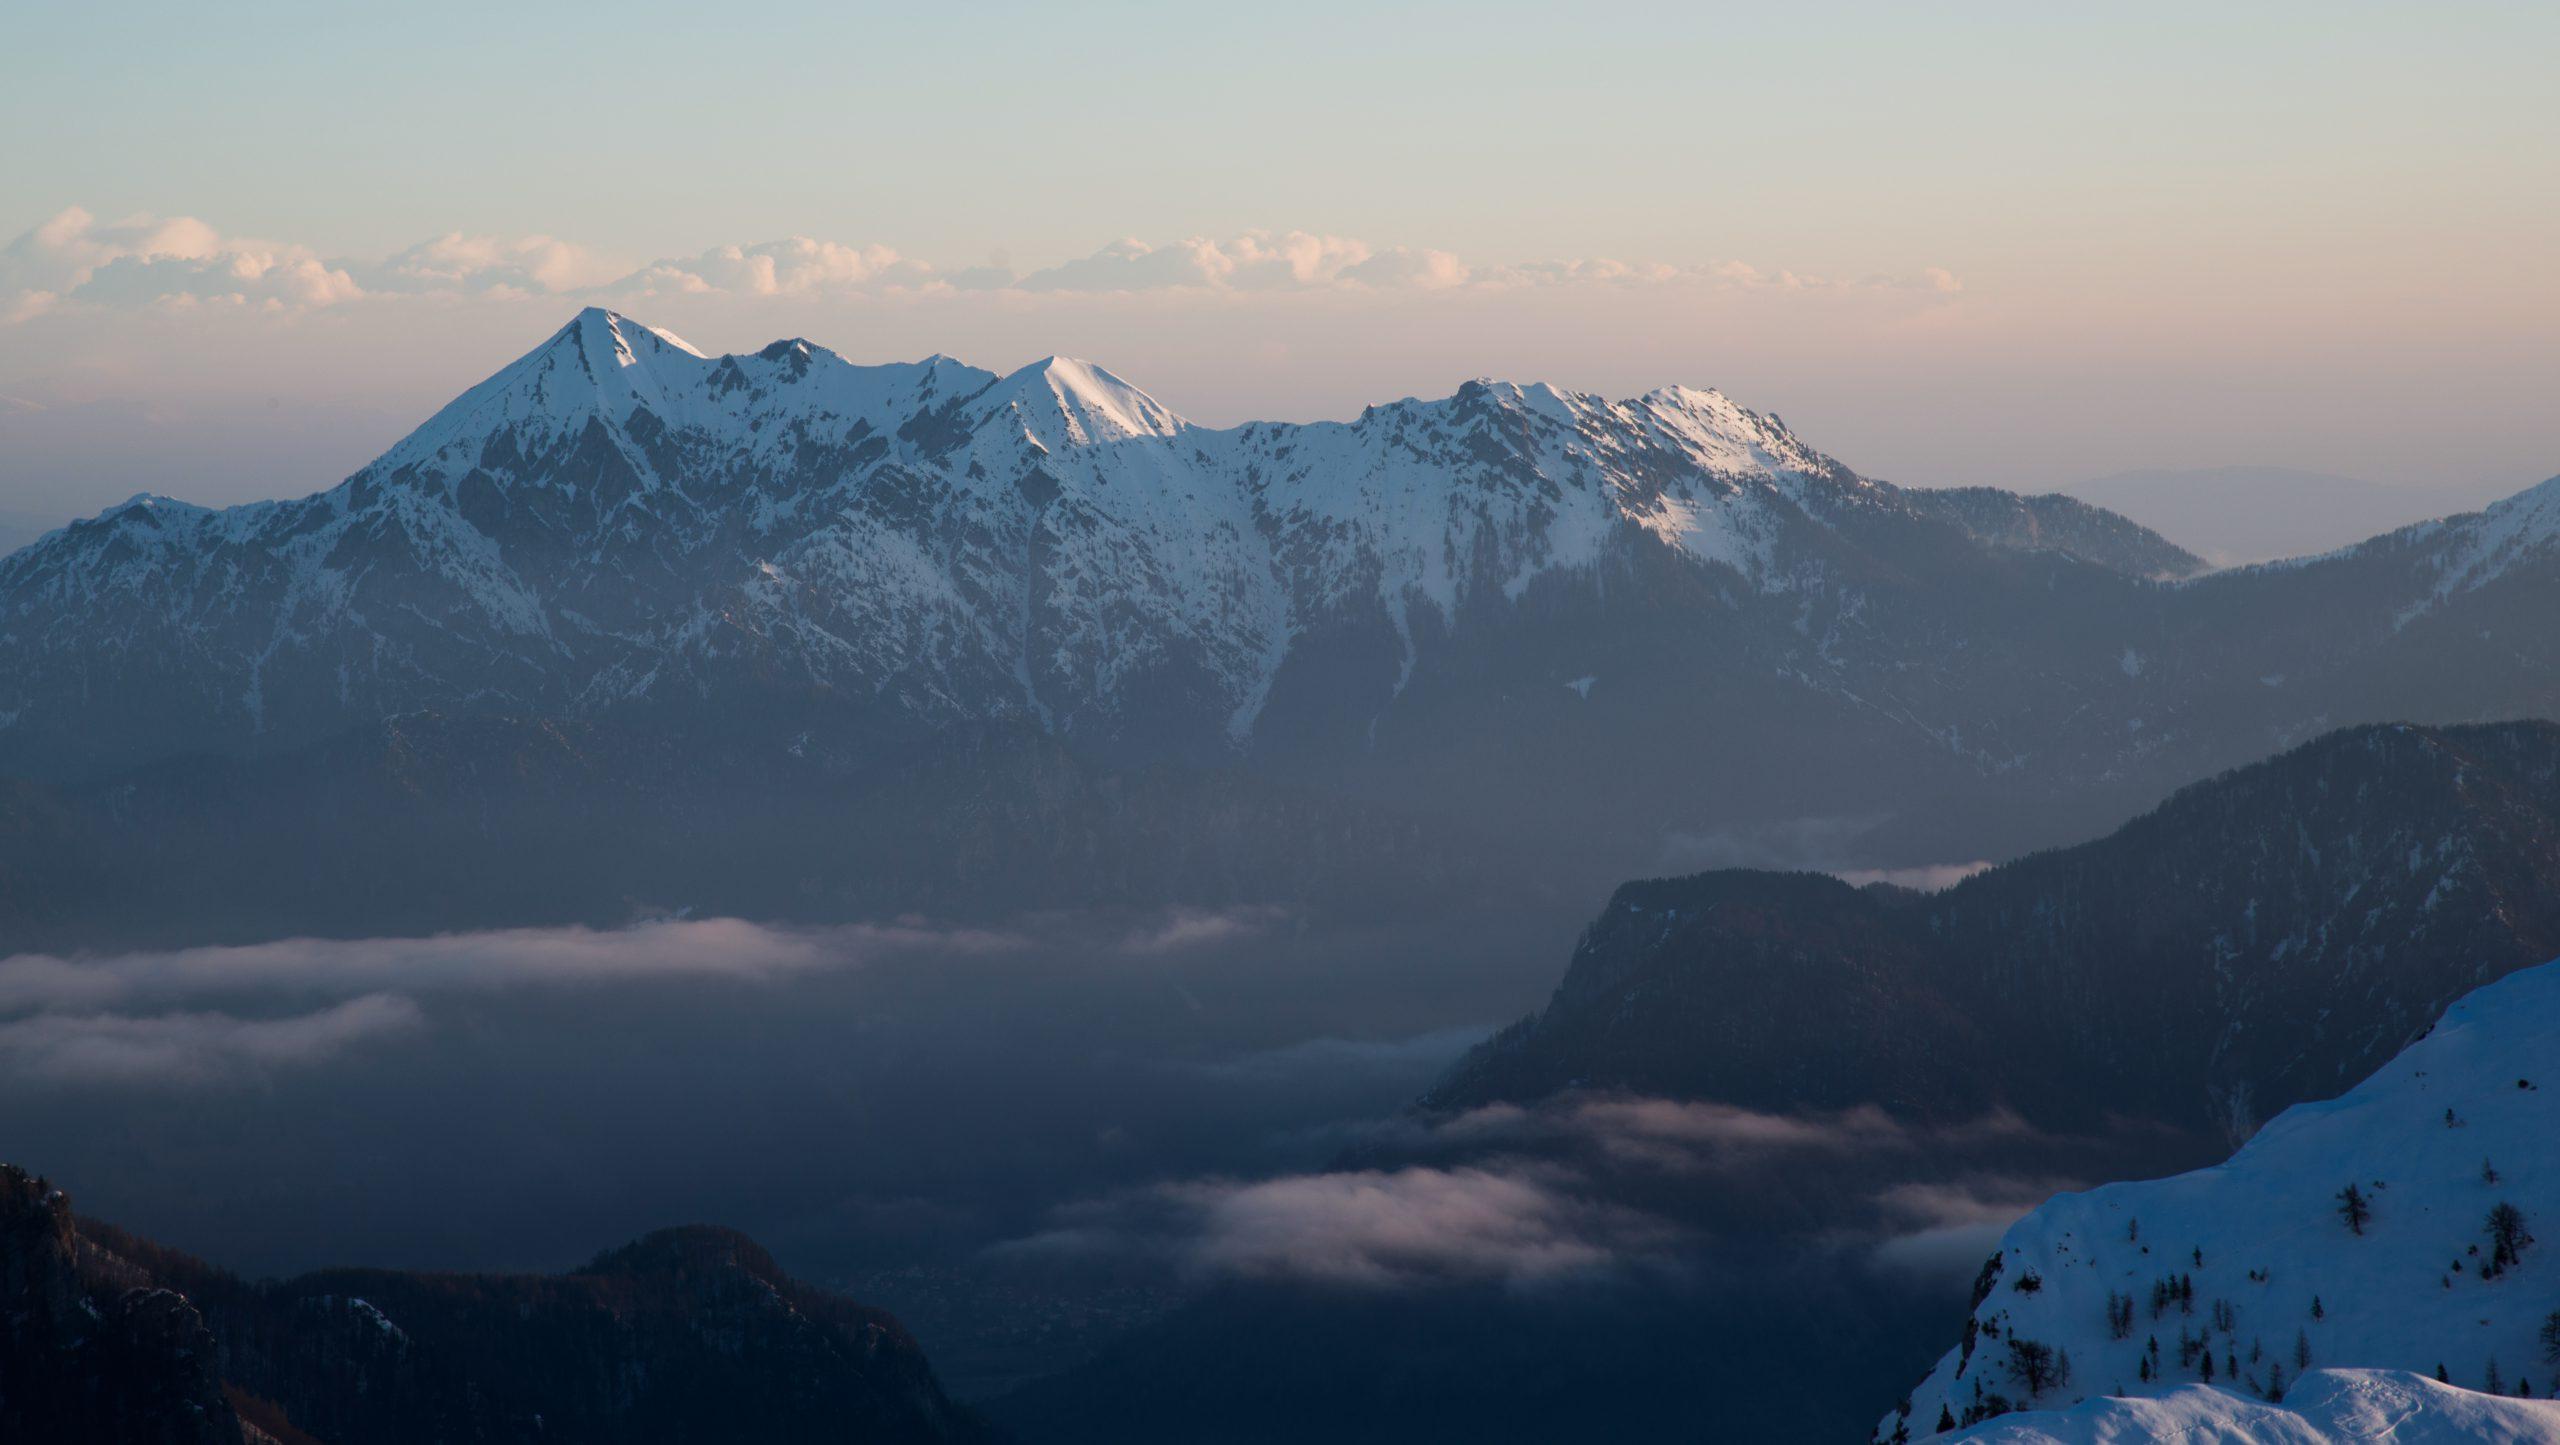 Een prachtige bergjacht in de ongerepte natuur van Tadzjikistan.